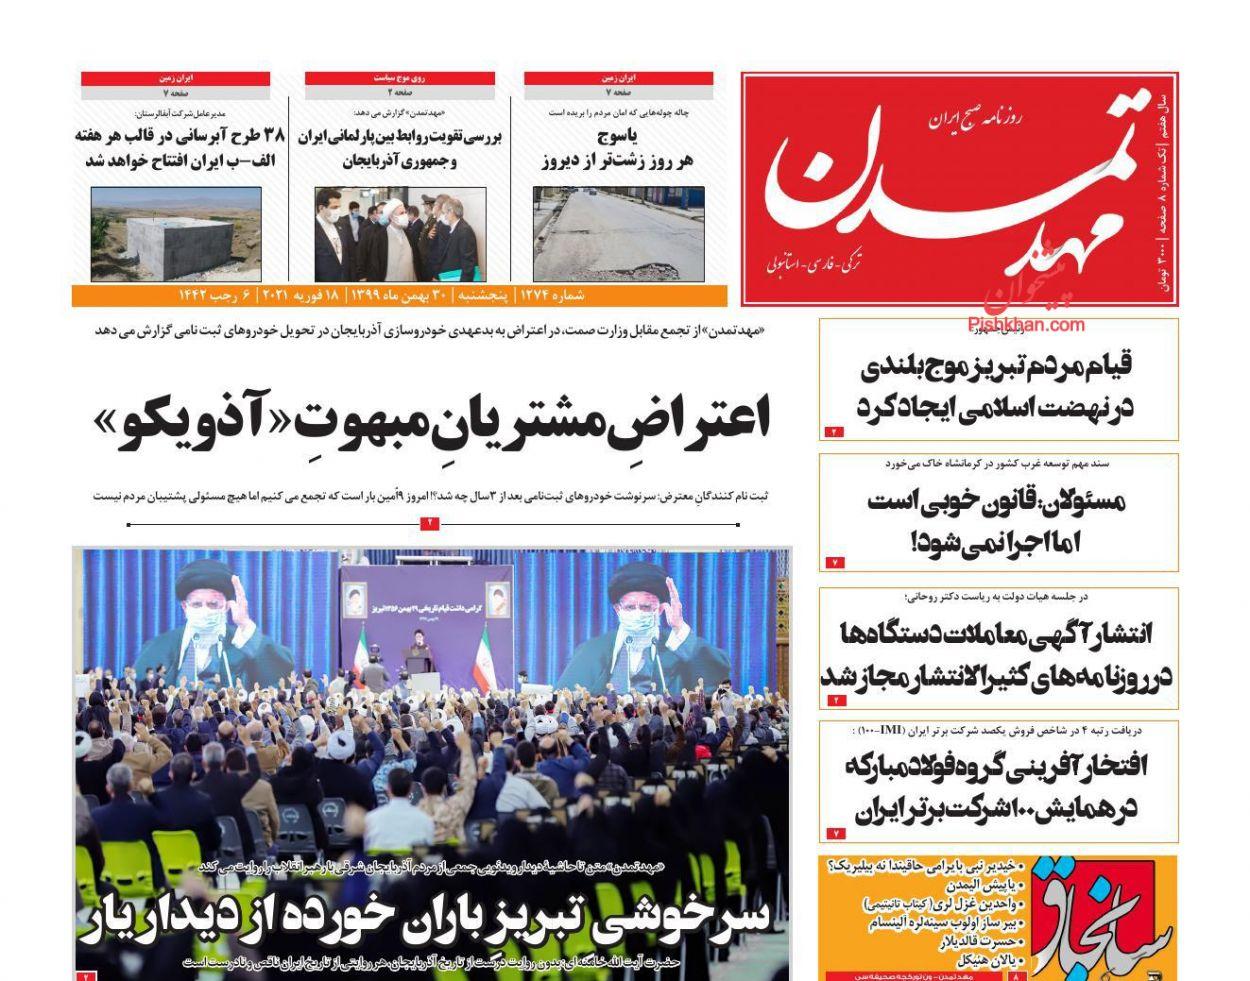 عناوین اخبار روزنامه مهد تمدن در روز پنجشنبه ۳۰ بهمن